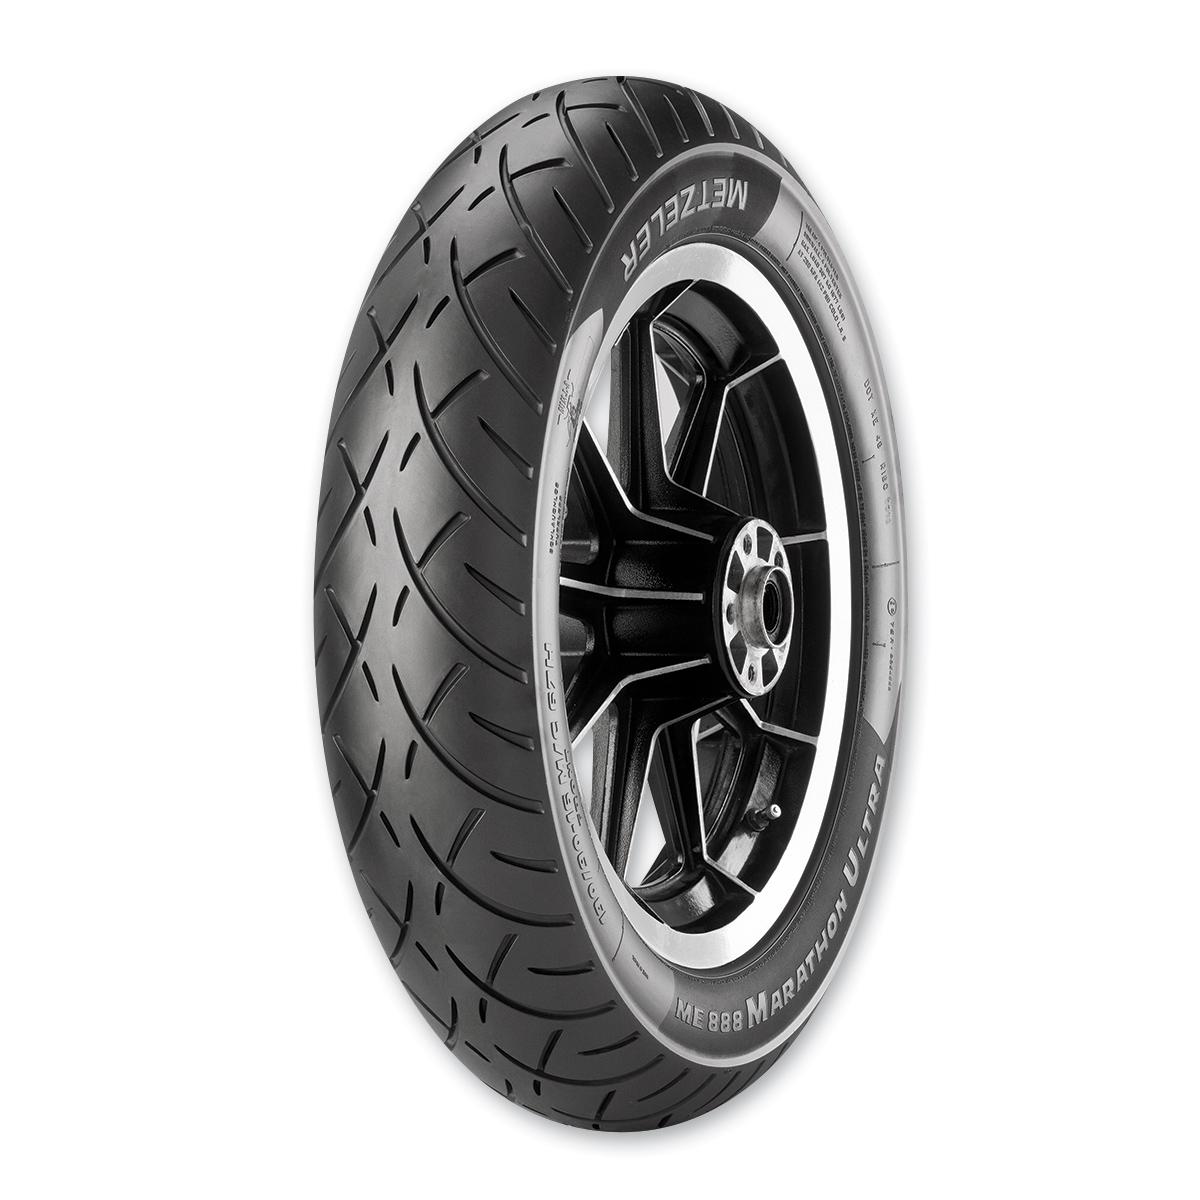 Metzeler ME888 Marathon Ultra 120/70ZR19 Front Tire